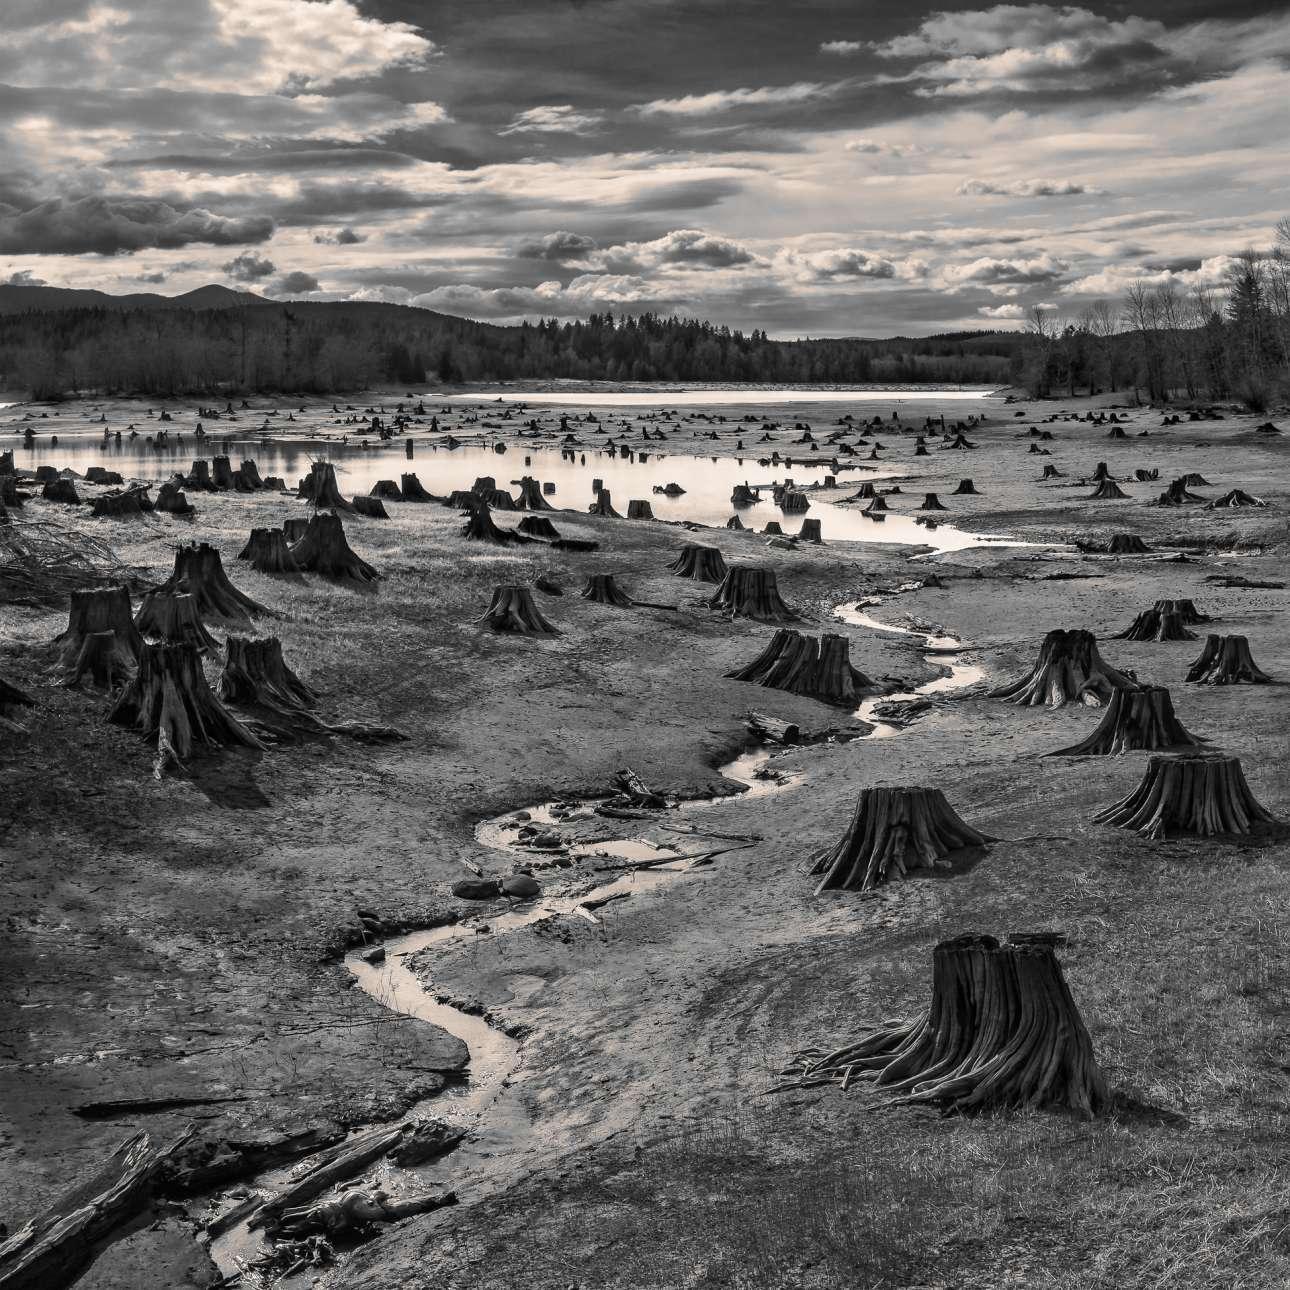 Πρώτη θέση στην κατηγορία Τοπίο. Καθώς η στάθμη του νερού πέφτει, κομμένοι κορμοί δέντρων ξεπροβάλλουν από την τεχνητή λίμνη Αλντερ στην Ουάσινγκτον